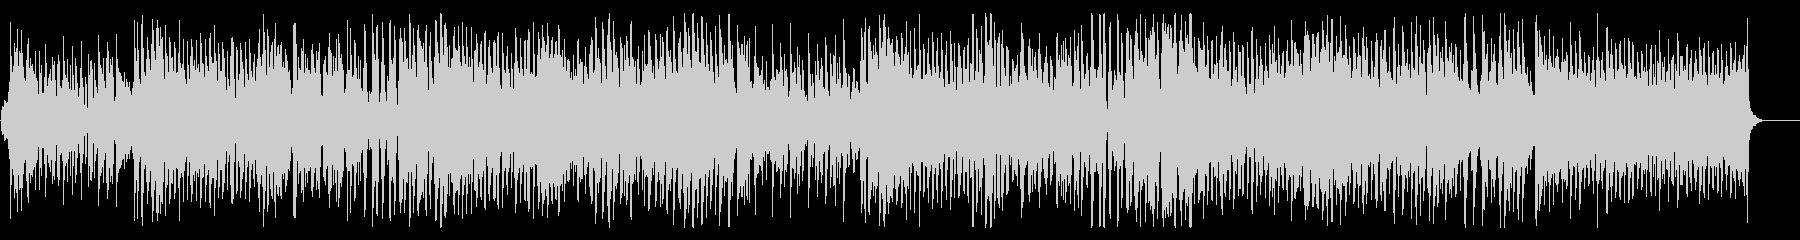 やさしいサウンドと歌声のユーレイポップスの未再生の波形